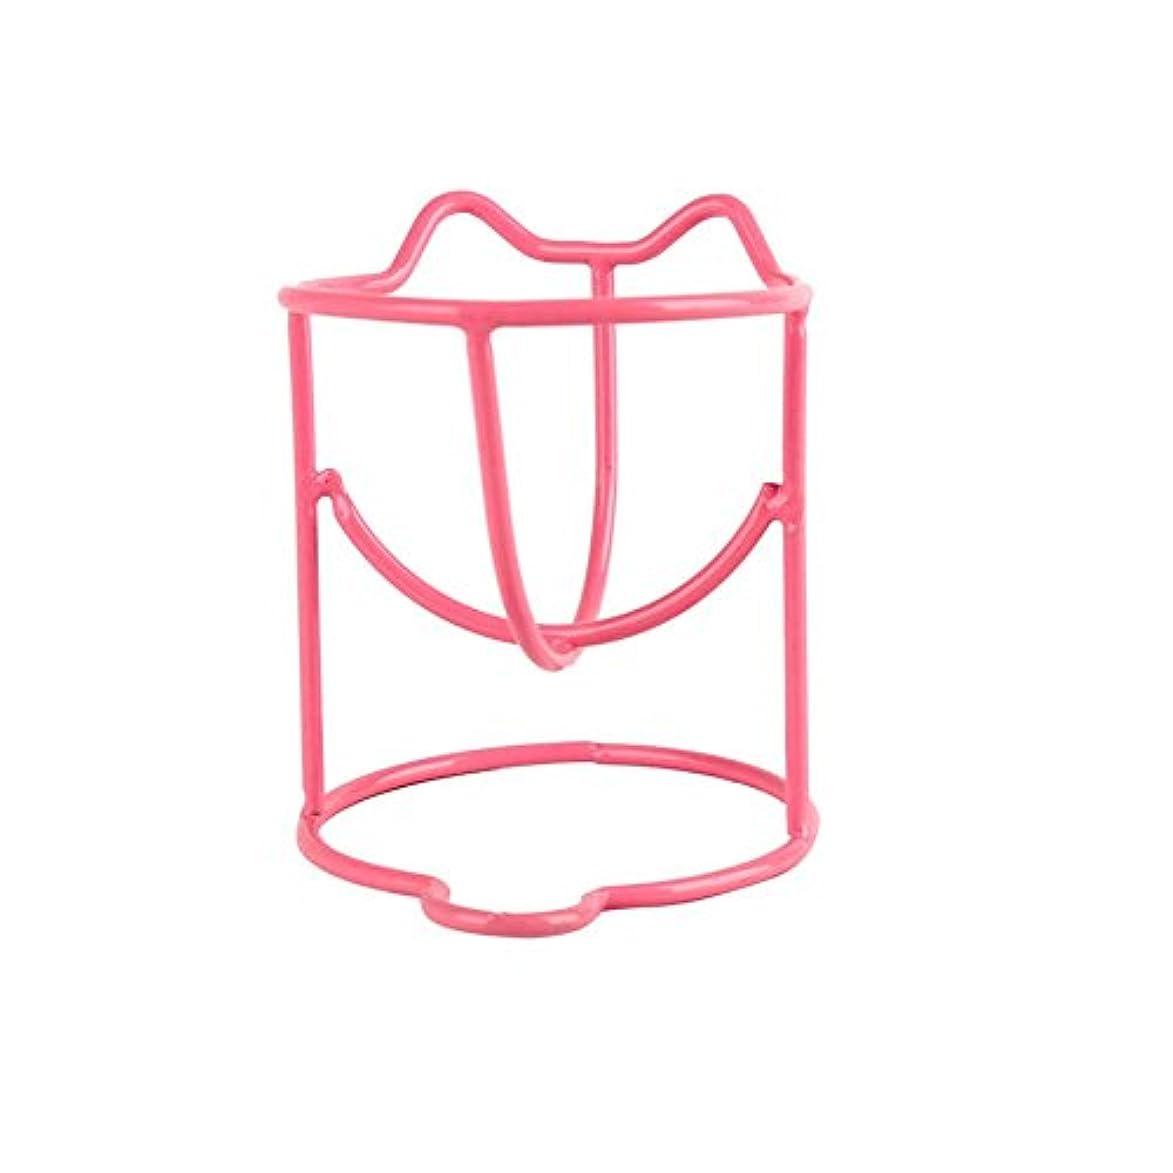 オッズ草安定したファッションメイク卵パウダーパフスポンジディスプレイスタンド乾燥ホルダーラックのセット